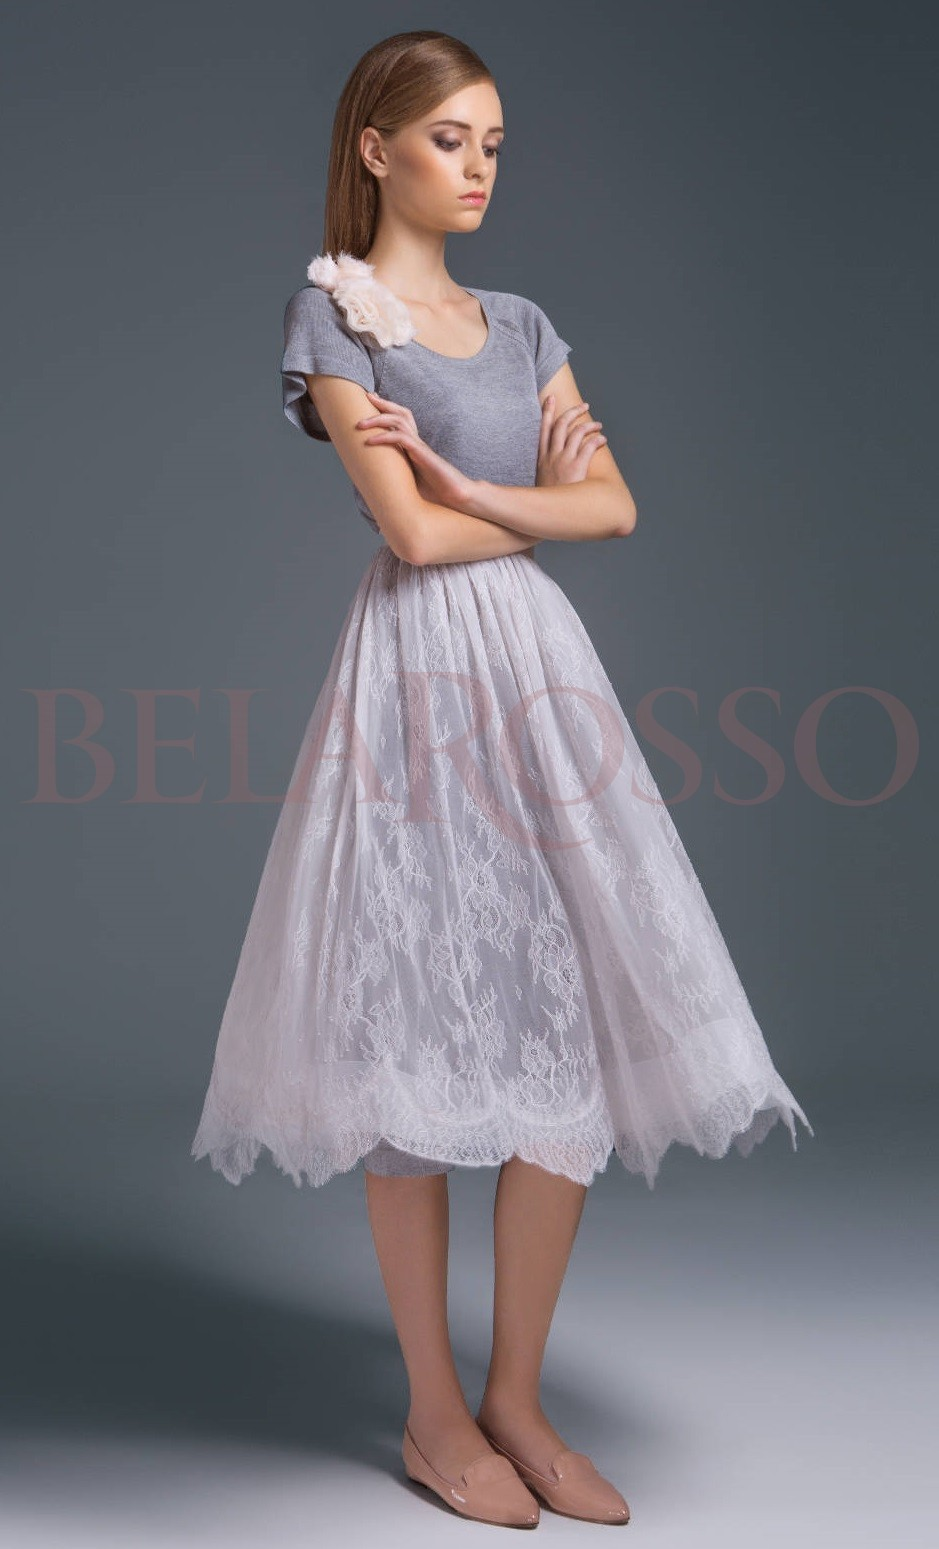 Польская и белорусская мода Belarosso - 8. Летняя распродажа!